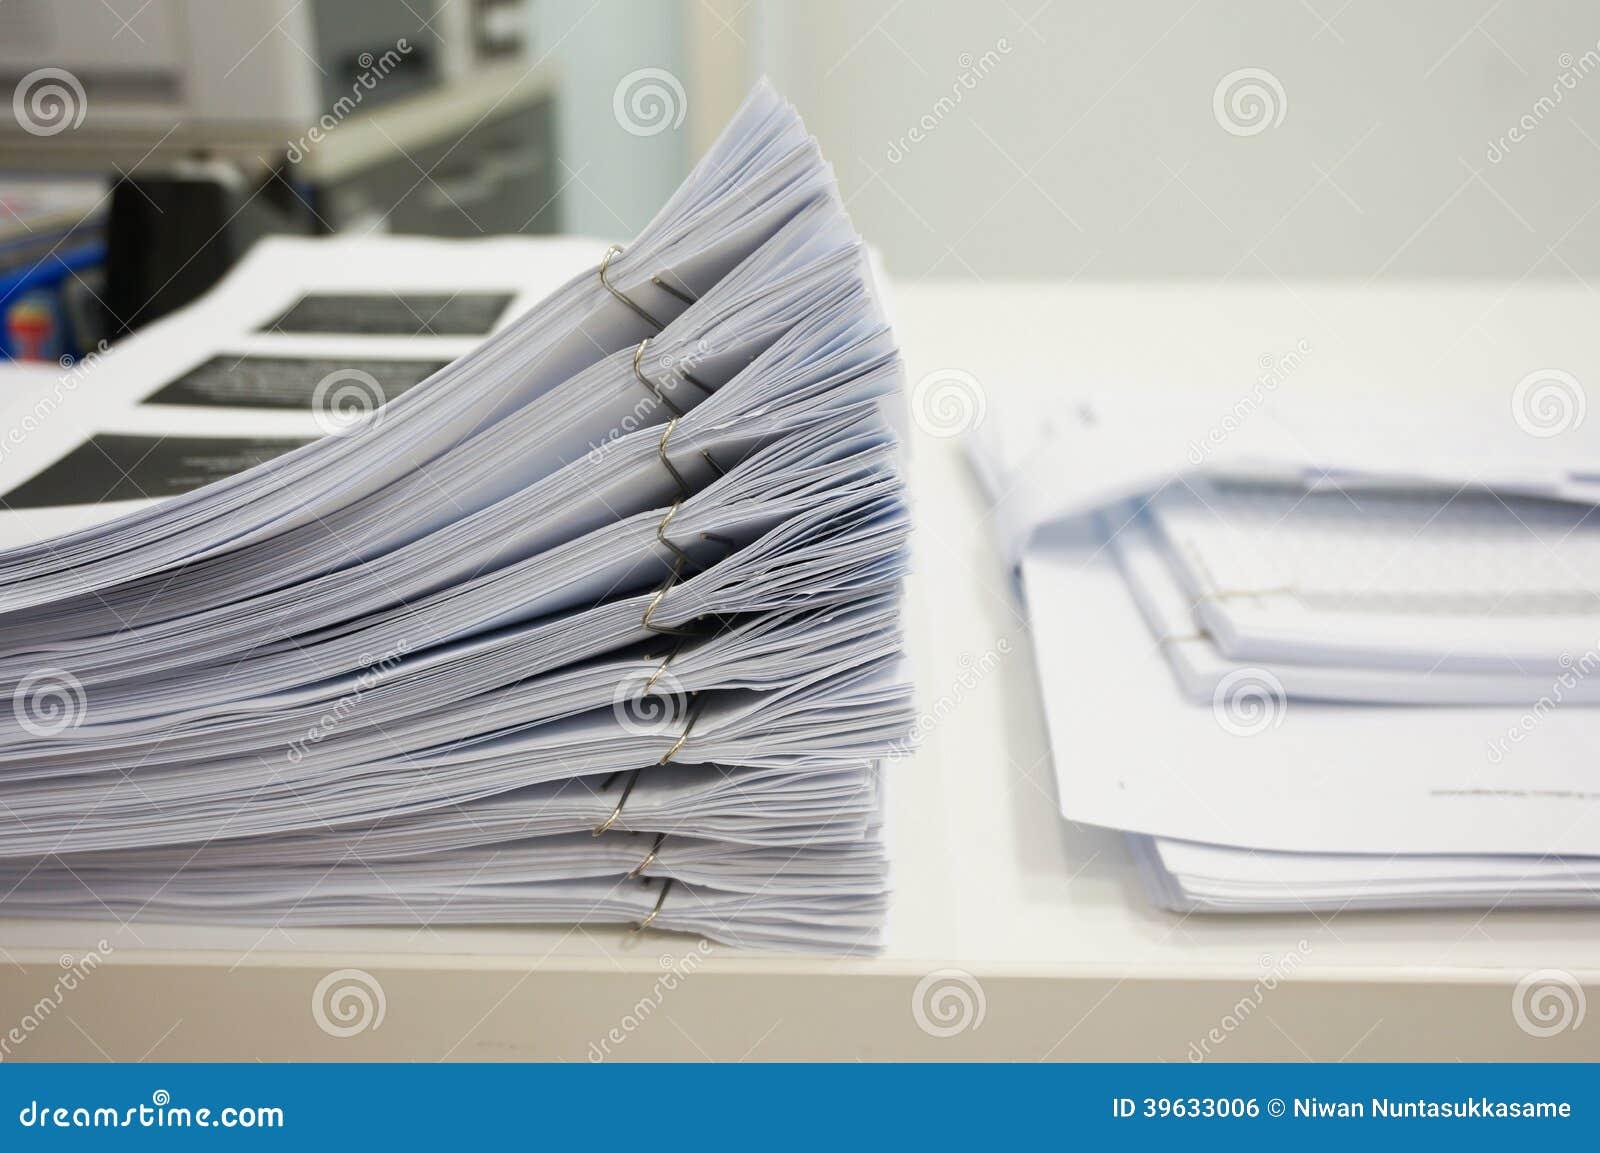 Stapel von Papieren auf dem Schreibtisch